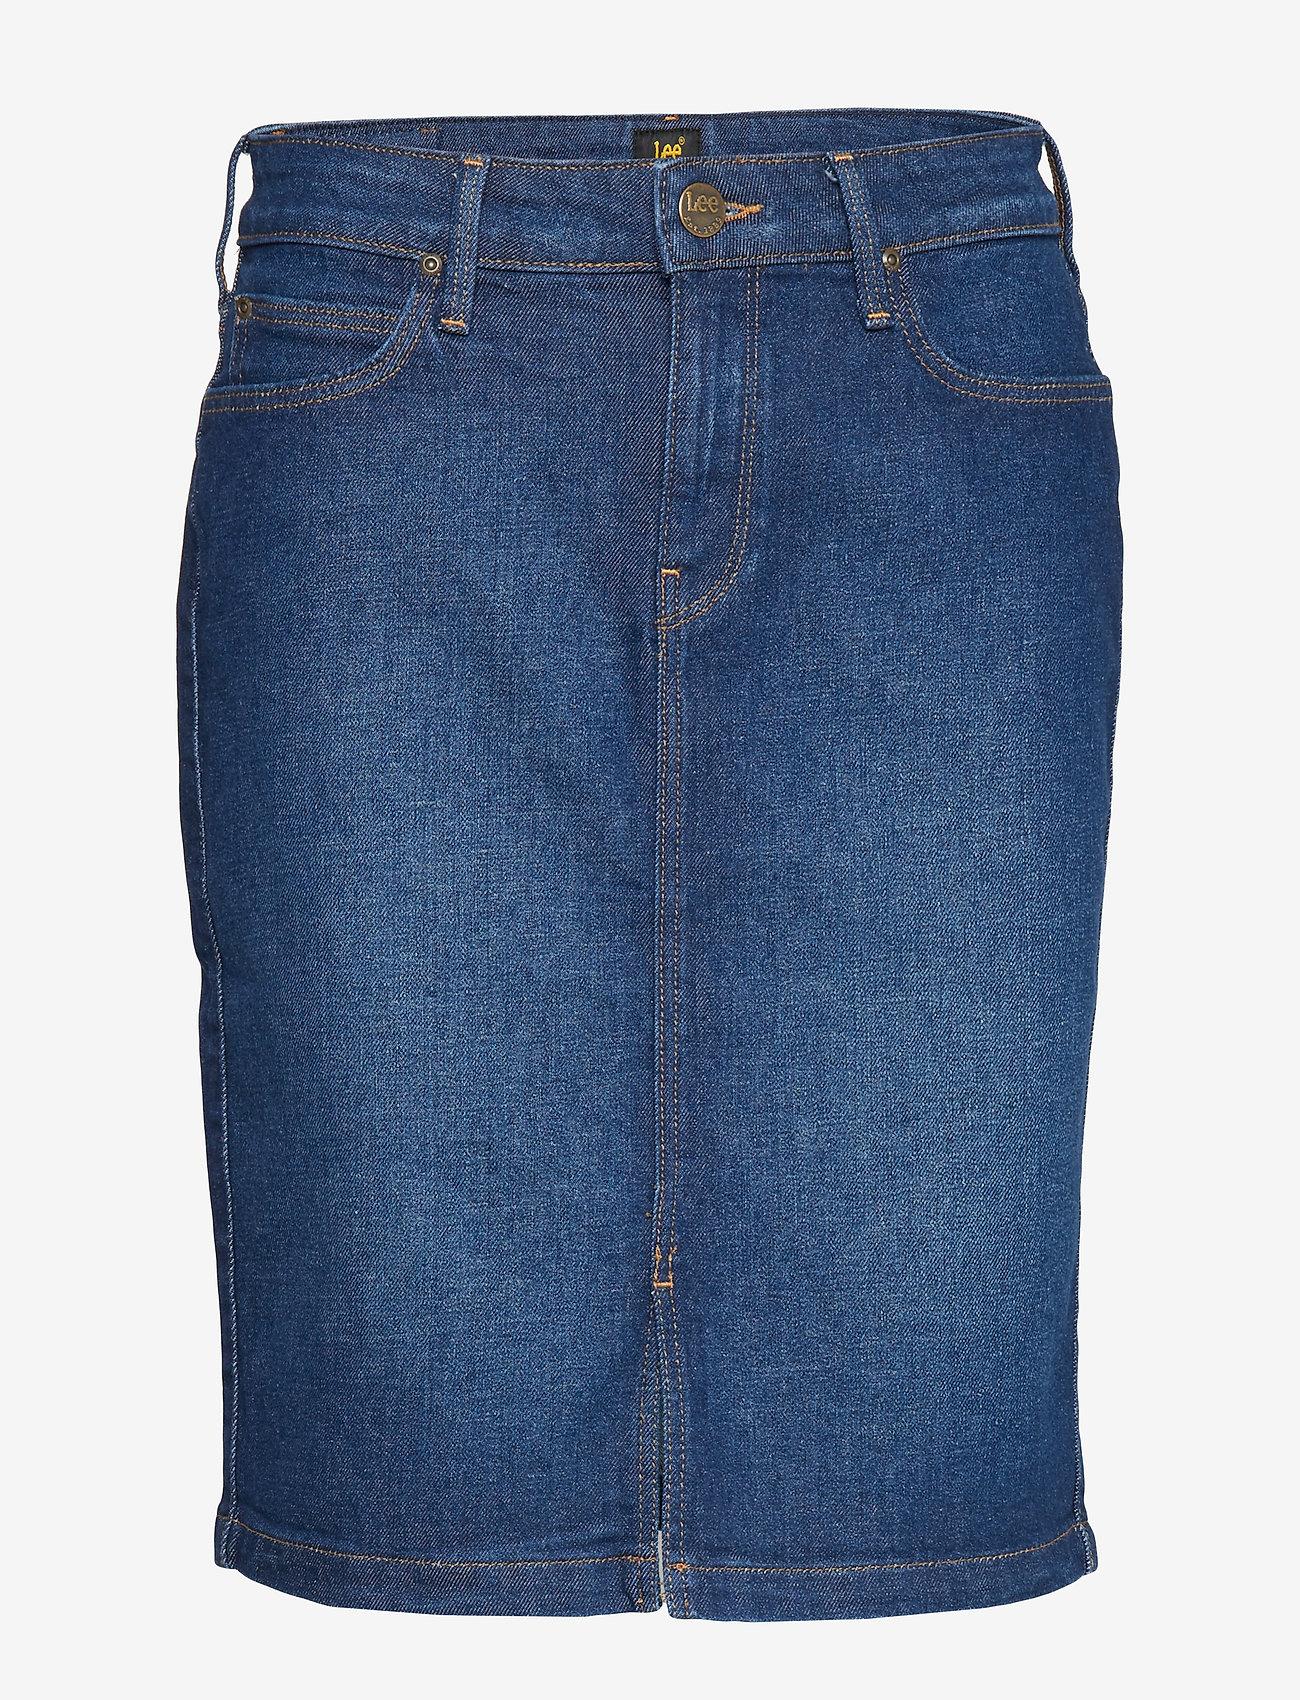 Lee Jeans - PENCIL SKIRT - denimskjørt - dark garner - 0